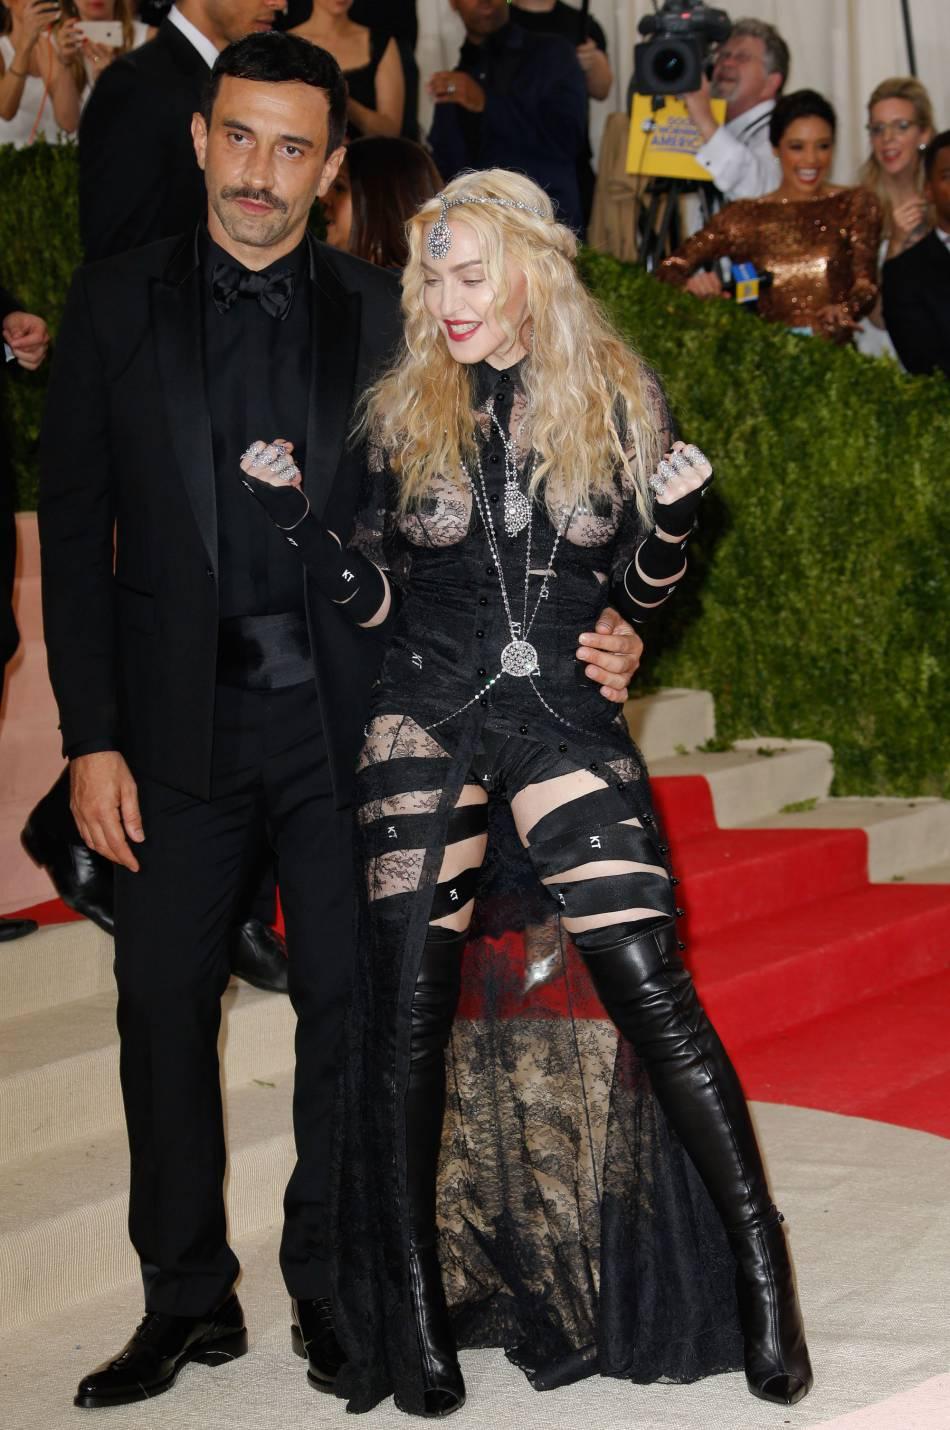 Madonna et le créateur de mode italien RiccardoTisci sur le red carpet.